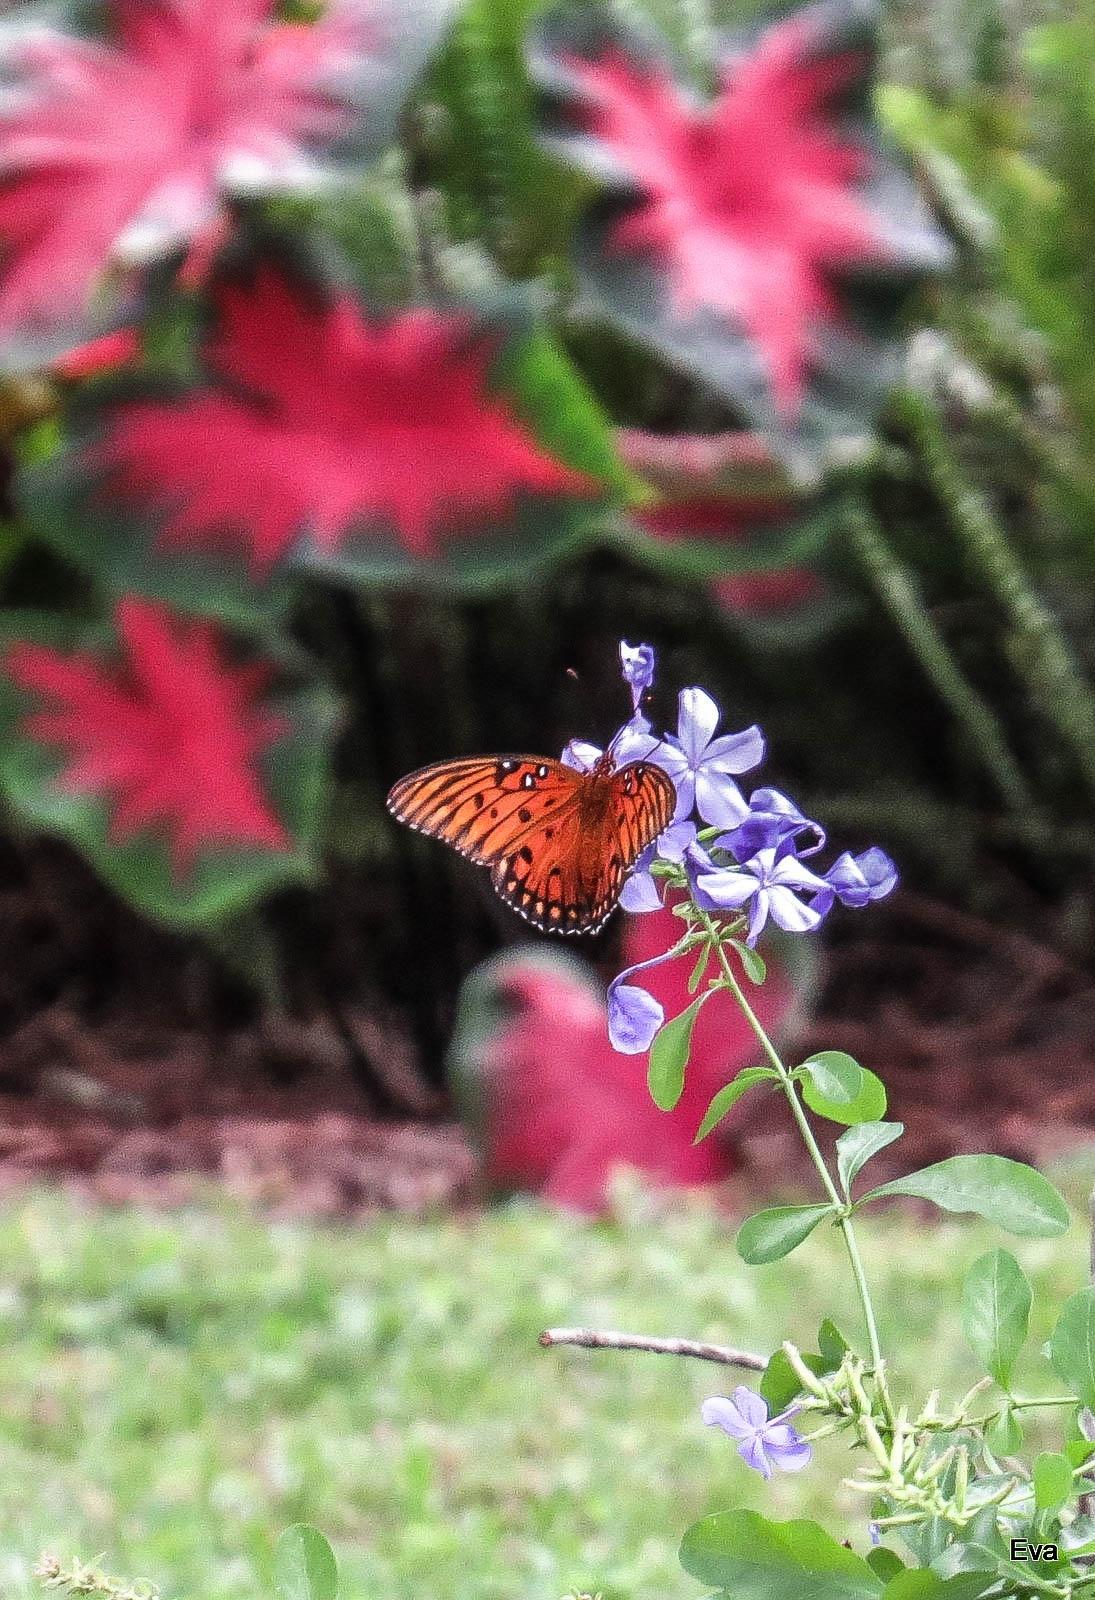 Butterfly on Plumbago blossom by EvaKassler